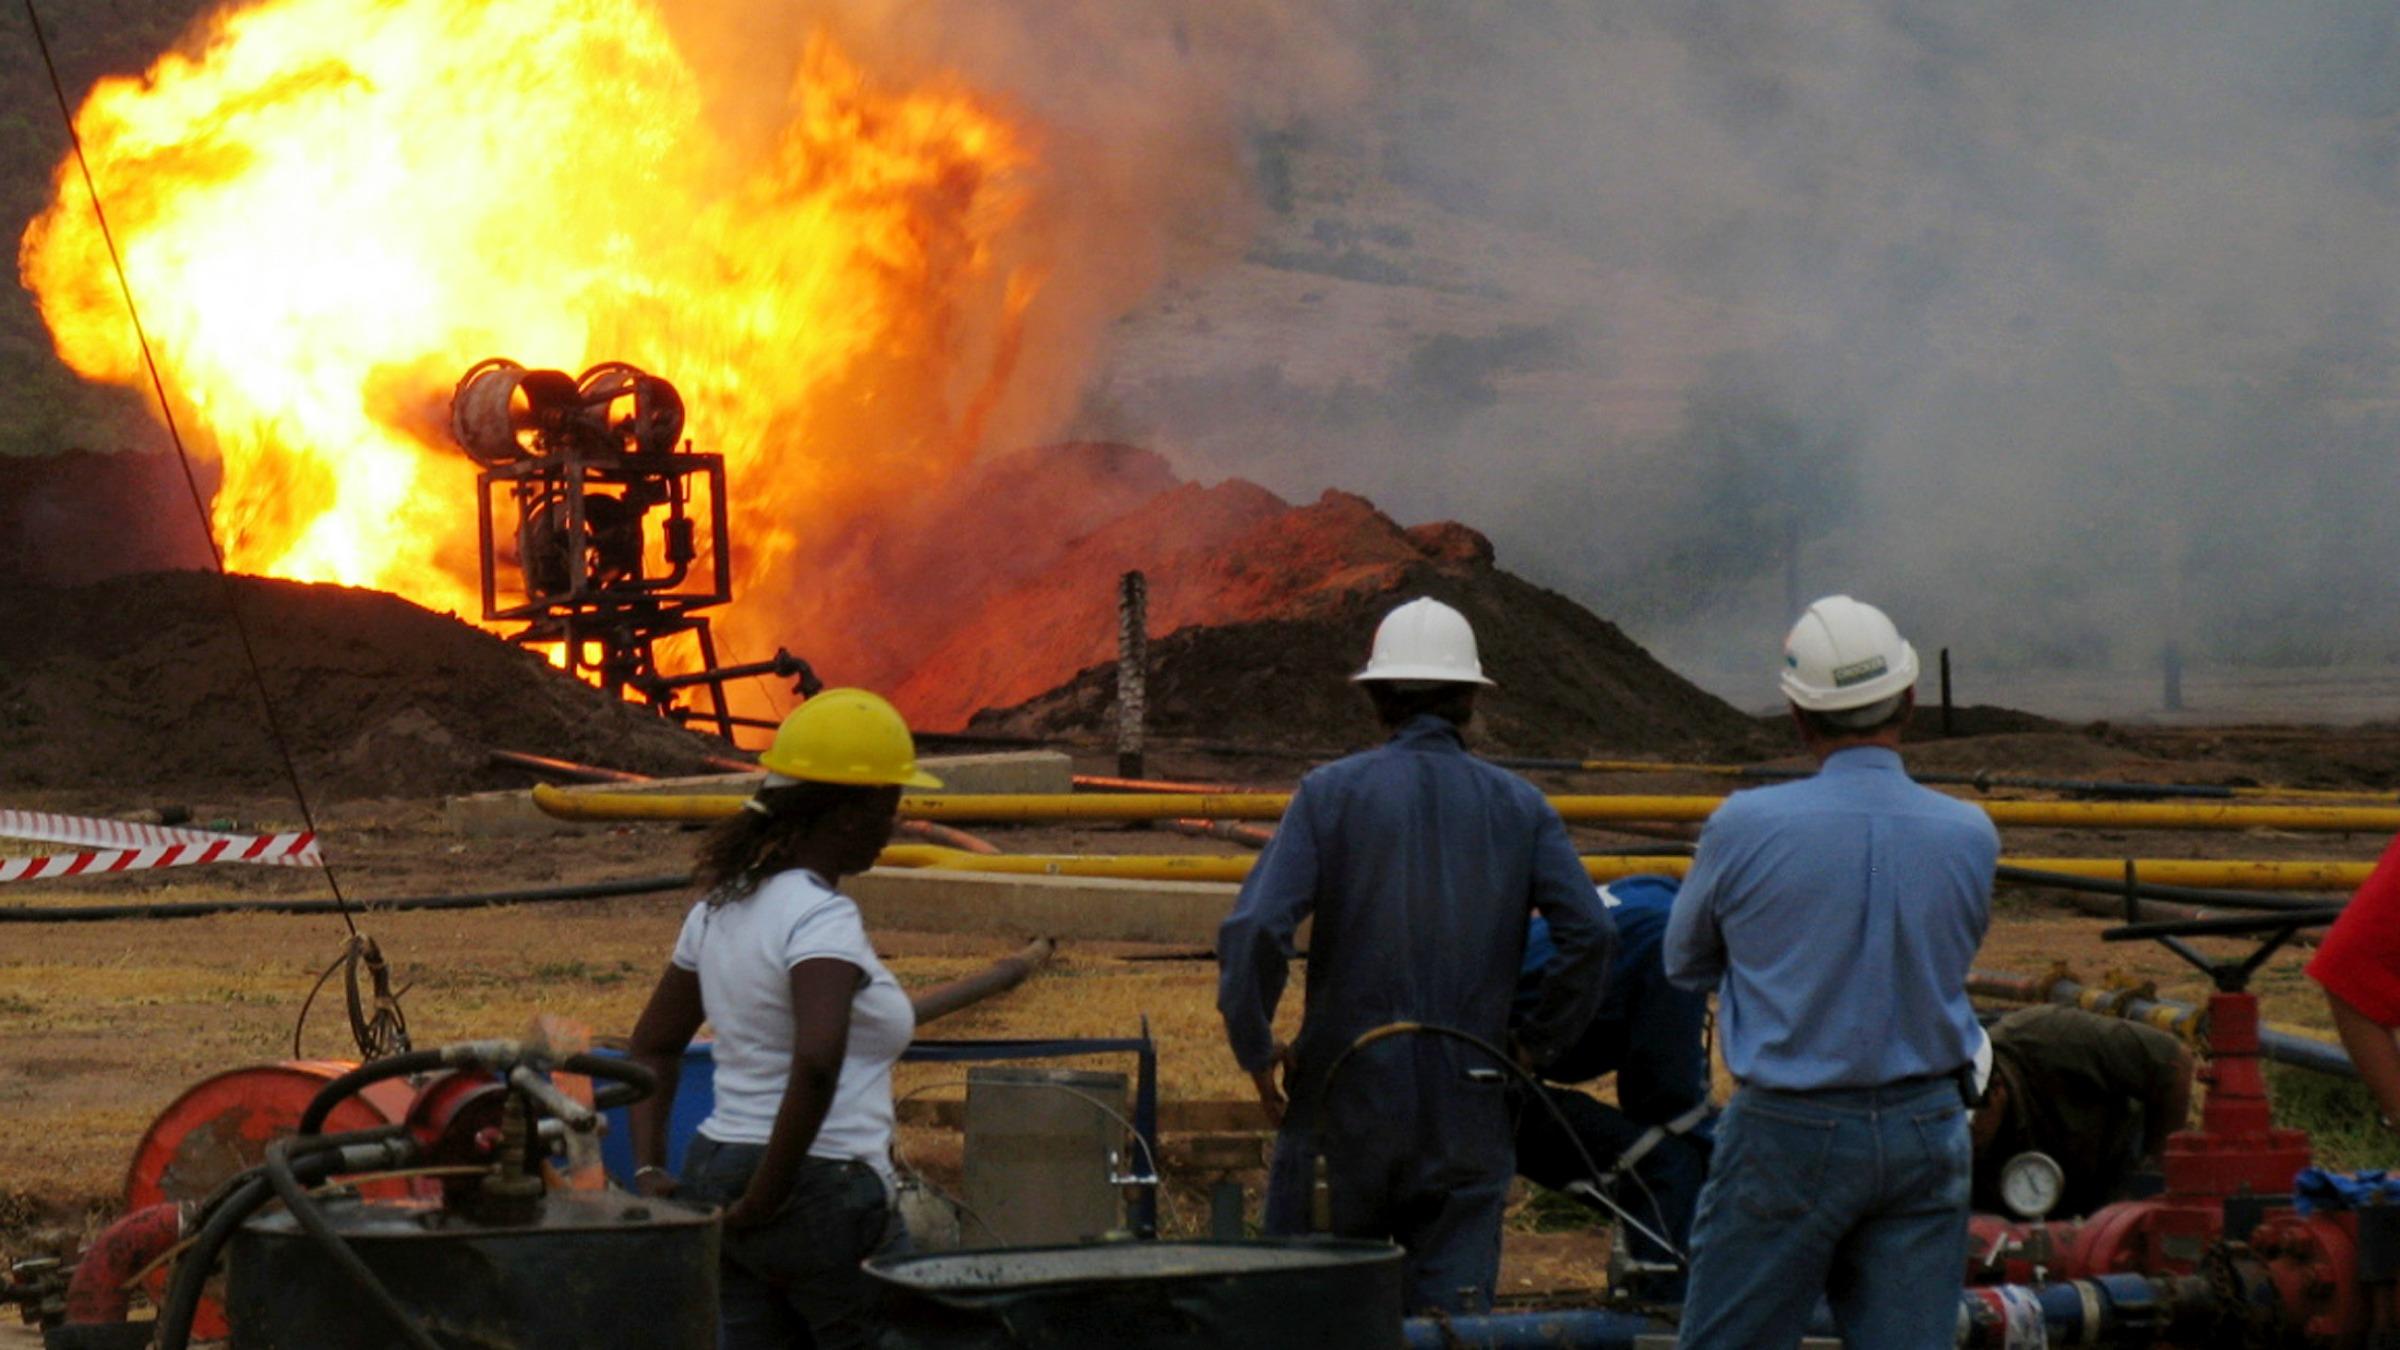 The oil curse burns.